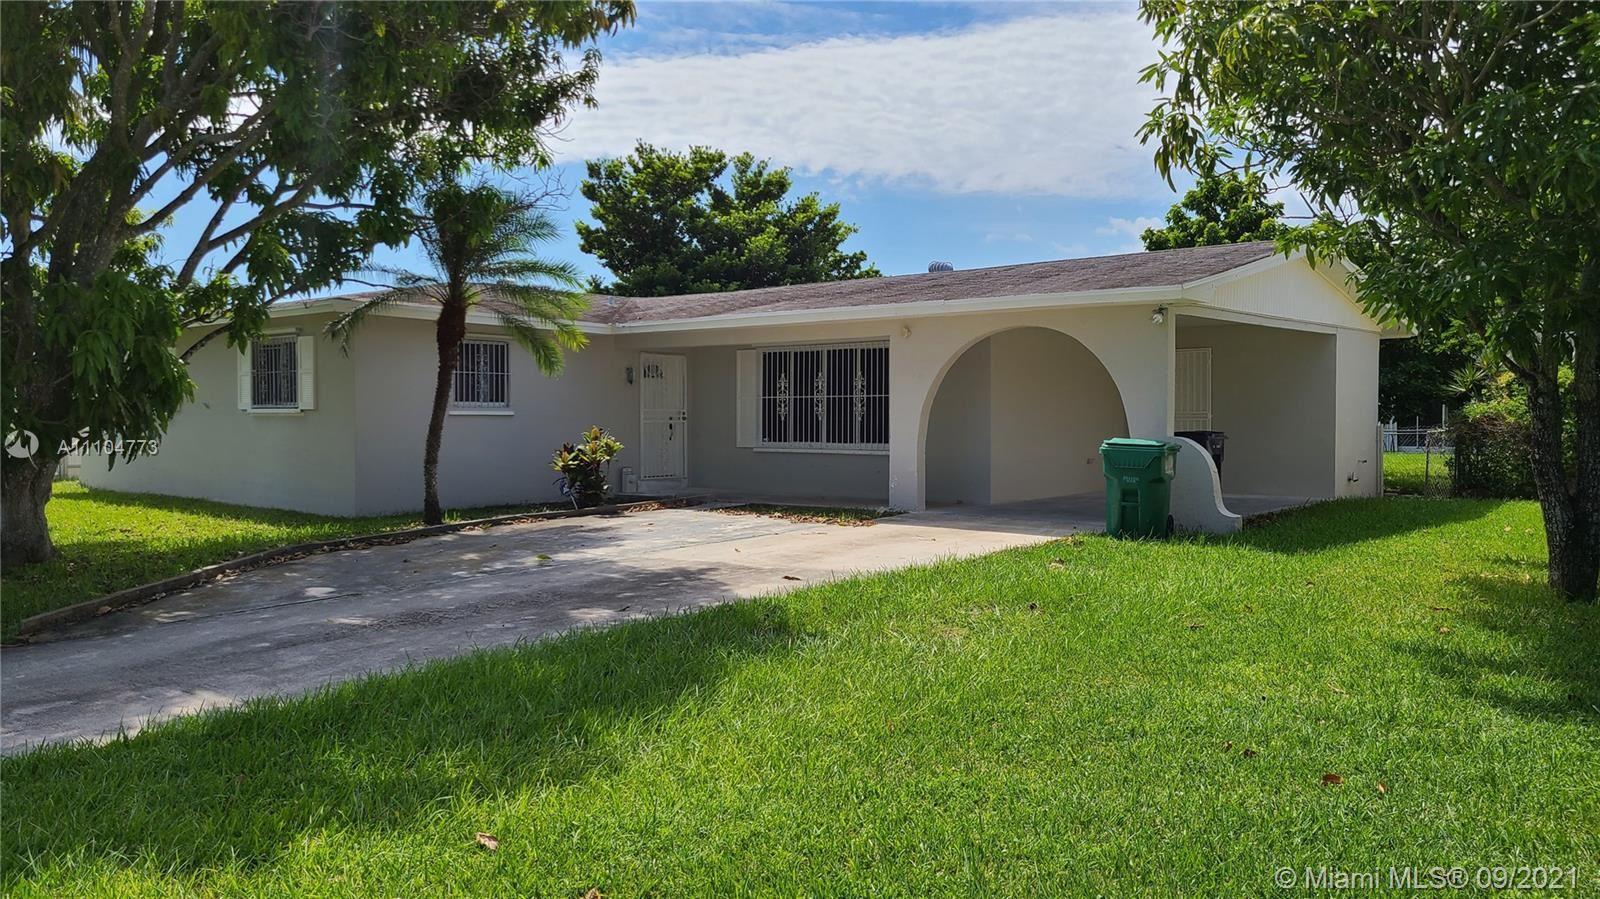 19730 SW 118th Pl, Miami, FL 33177 - #: A11104773